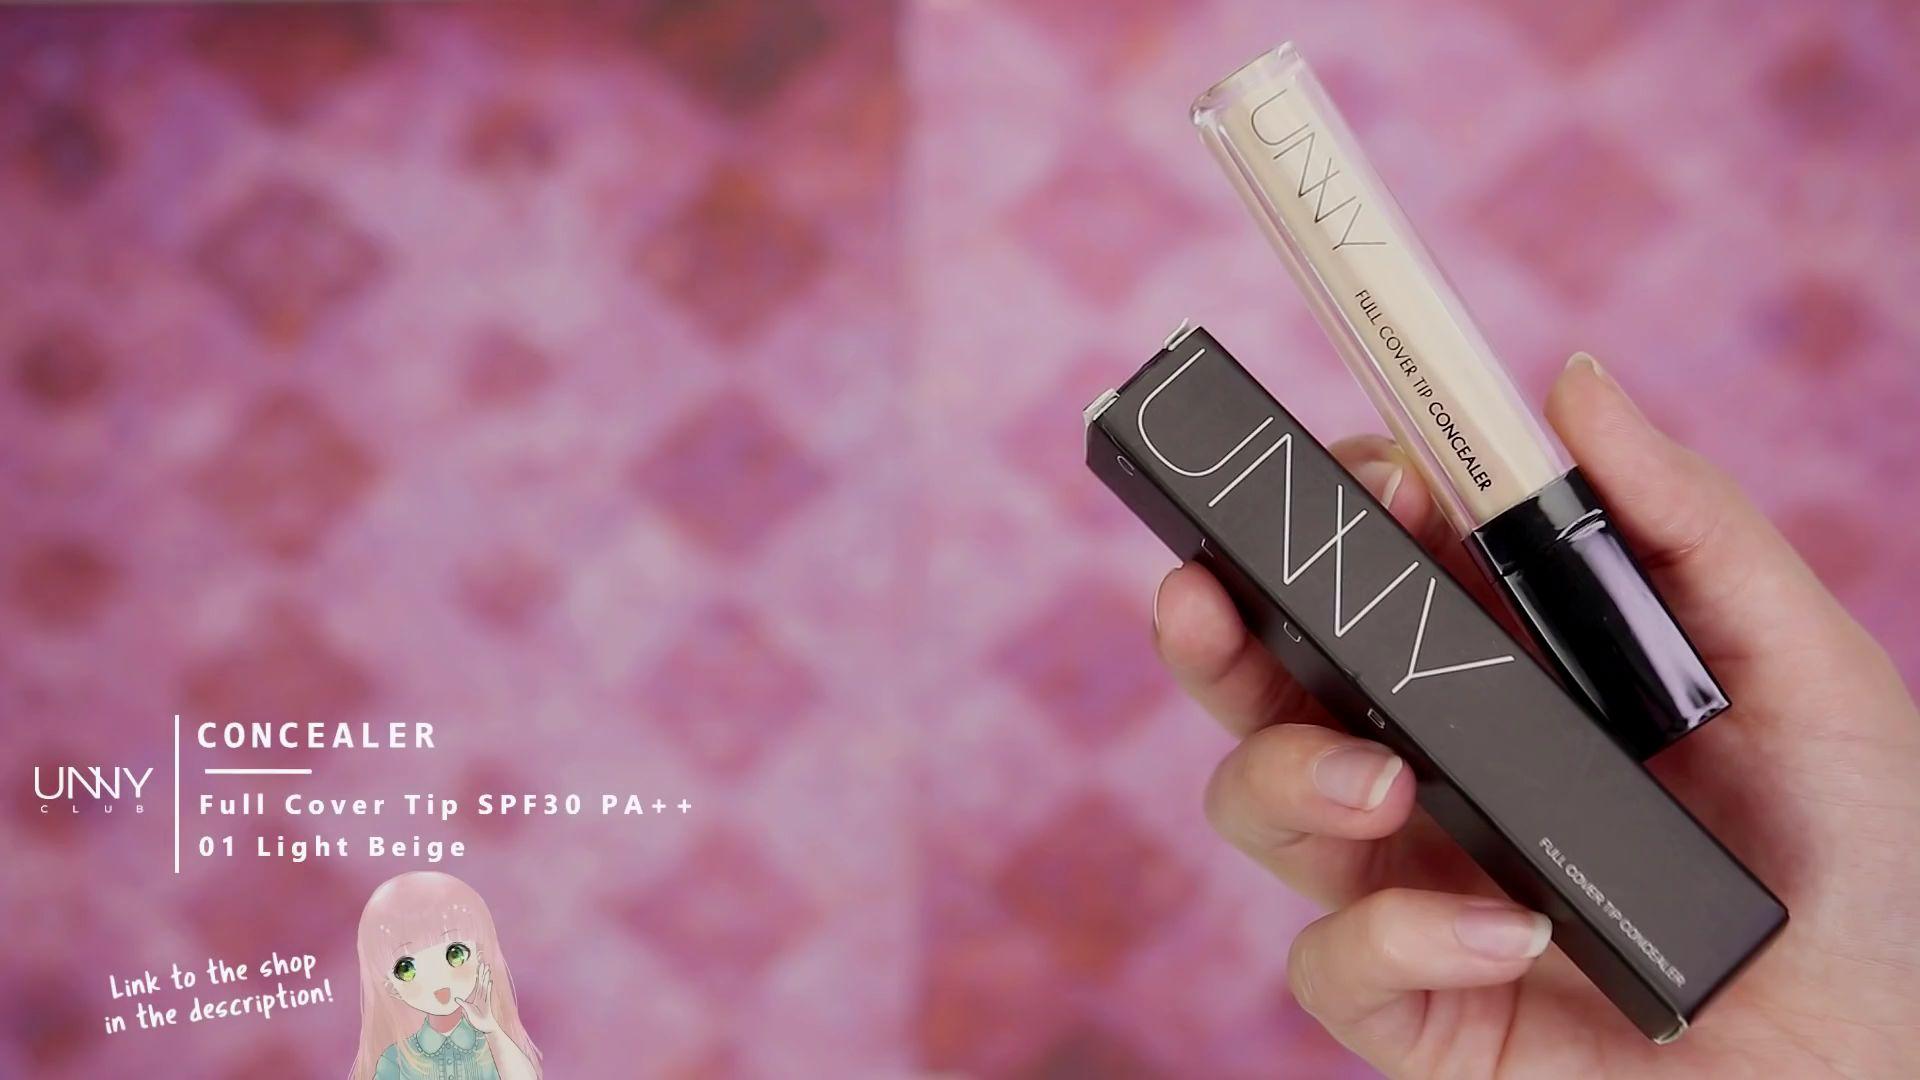 Misa Amane Cosplay DIY en 9 pasos.  Corrector de cobertura completa marca UNVY color 01 light beige.